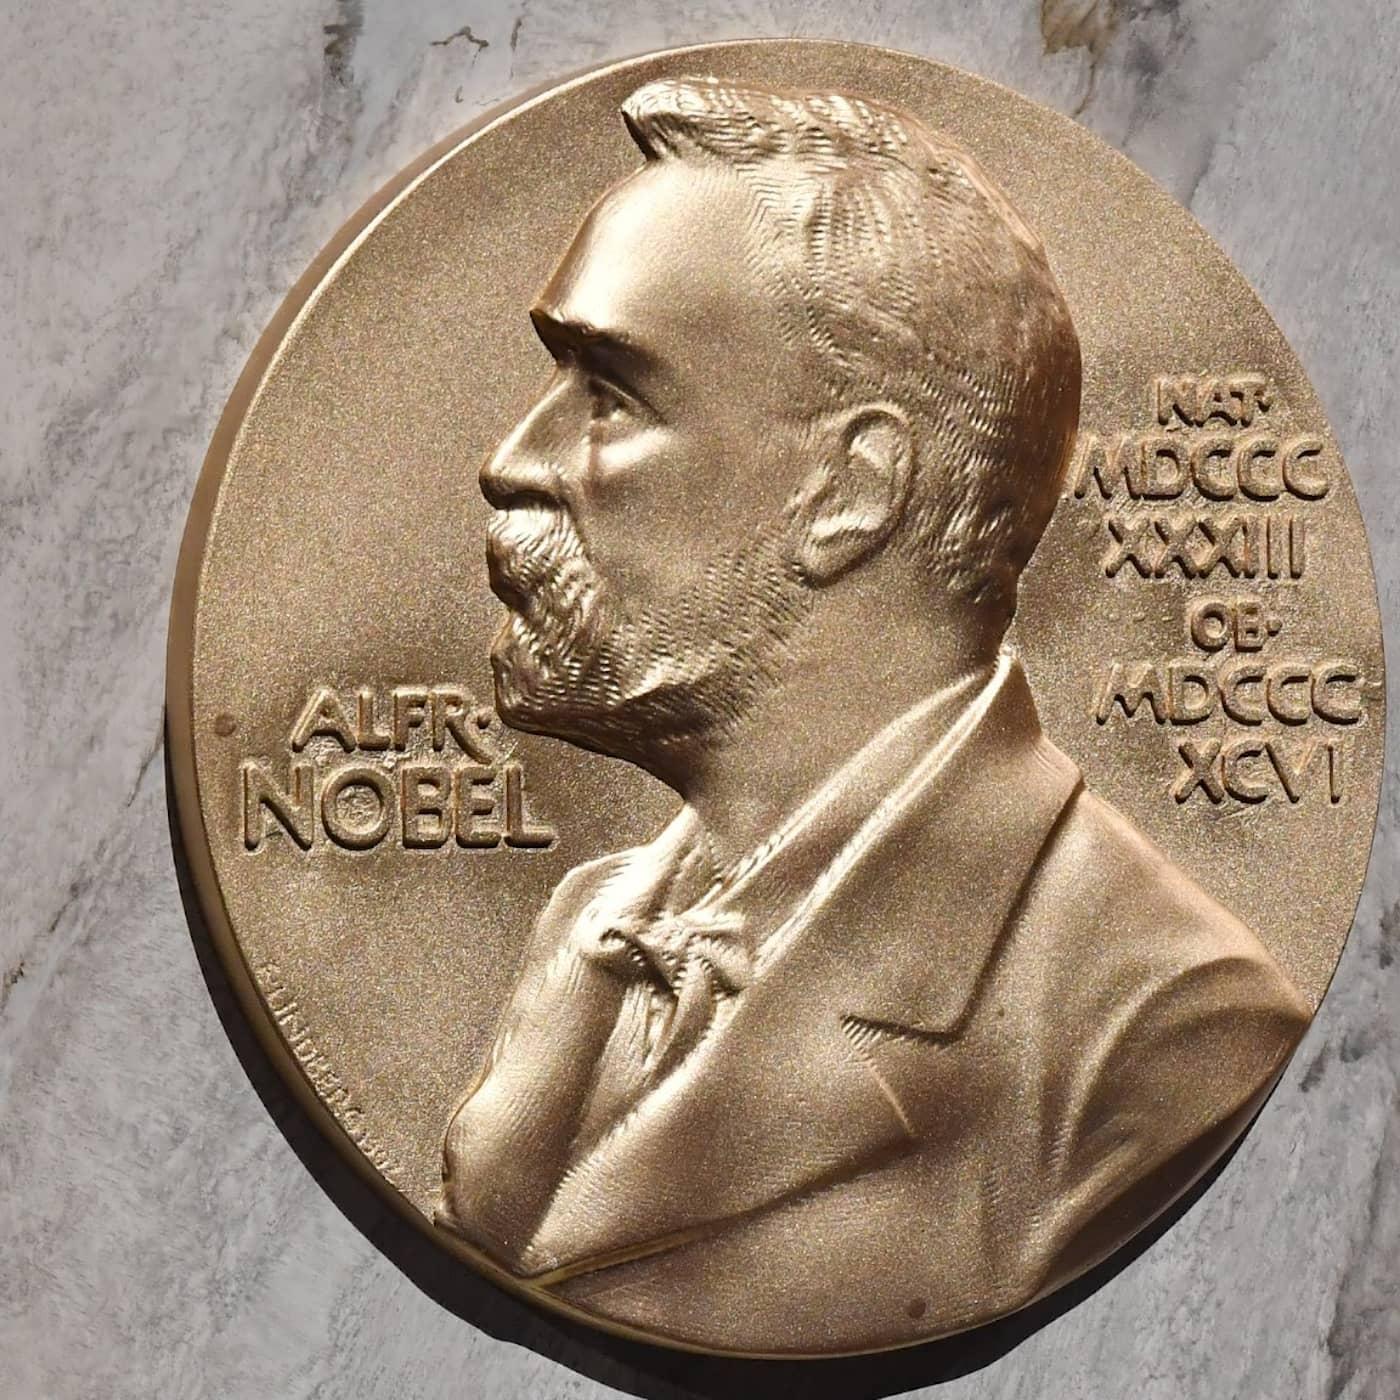 Vilket Nobelpris skulle du ge dig själv? Vad är du bäst på?